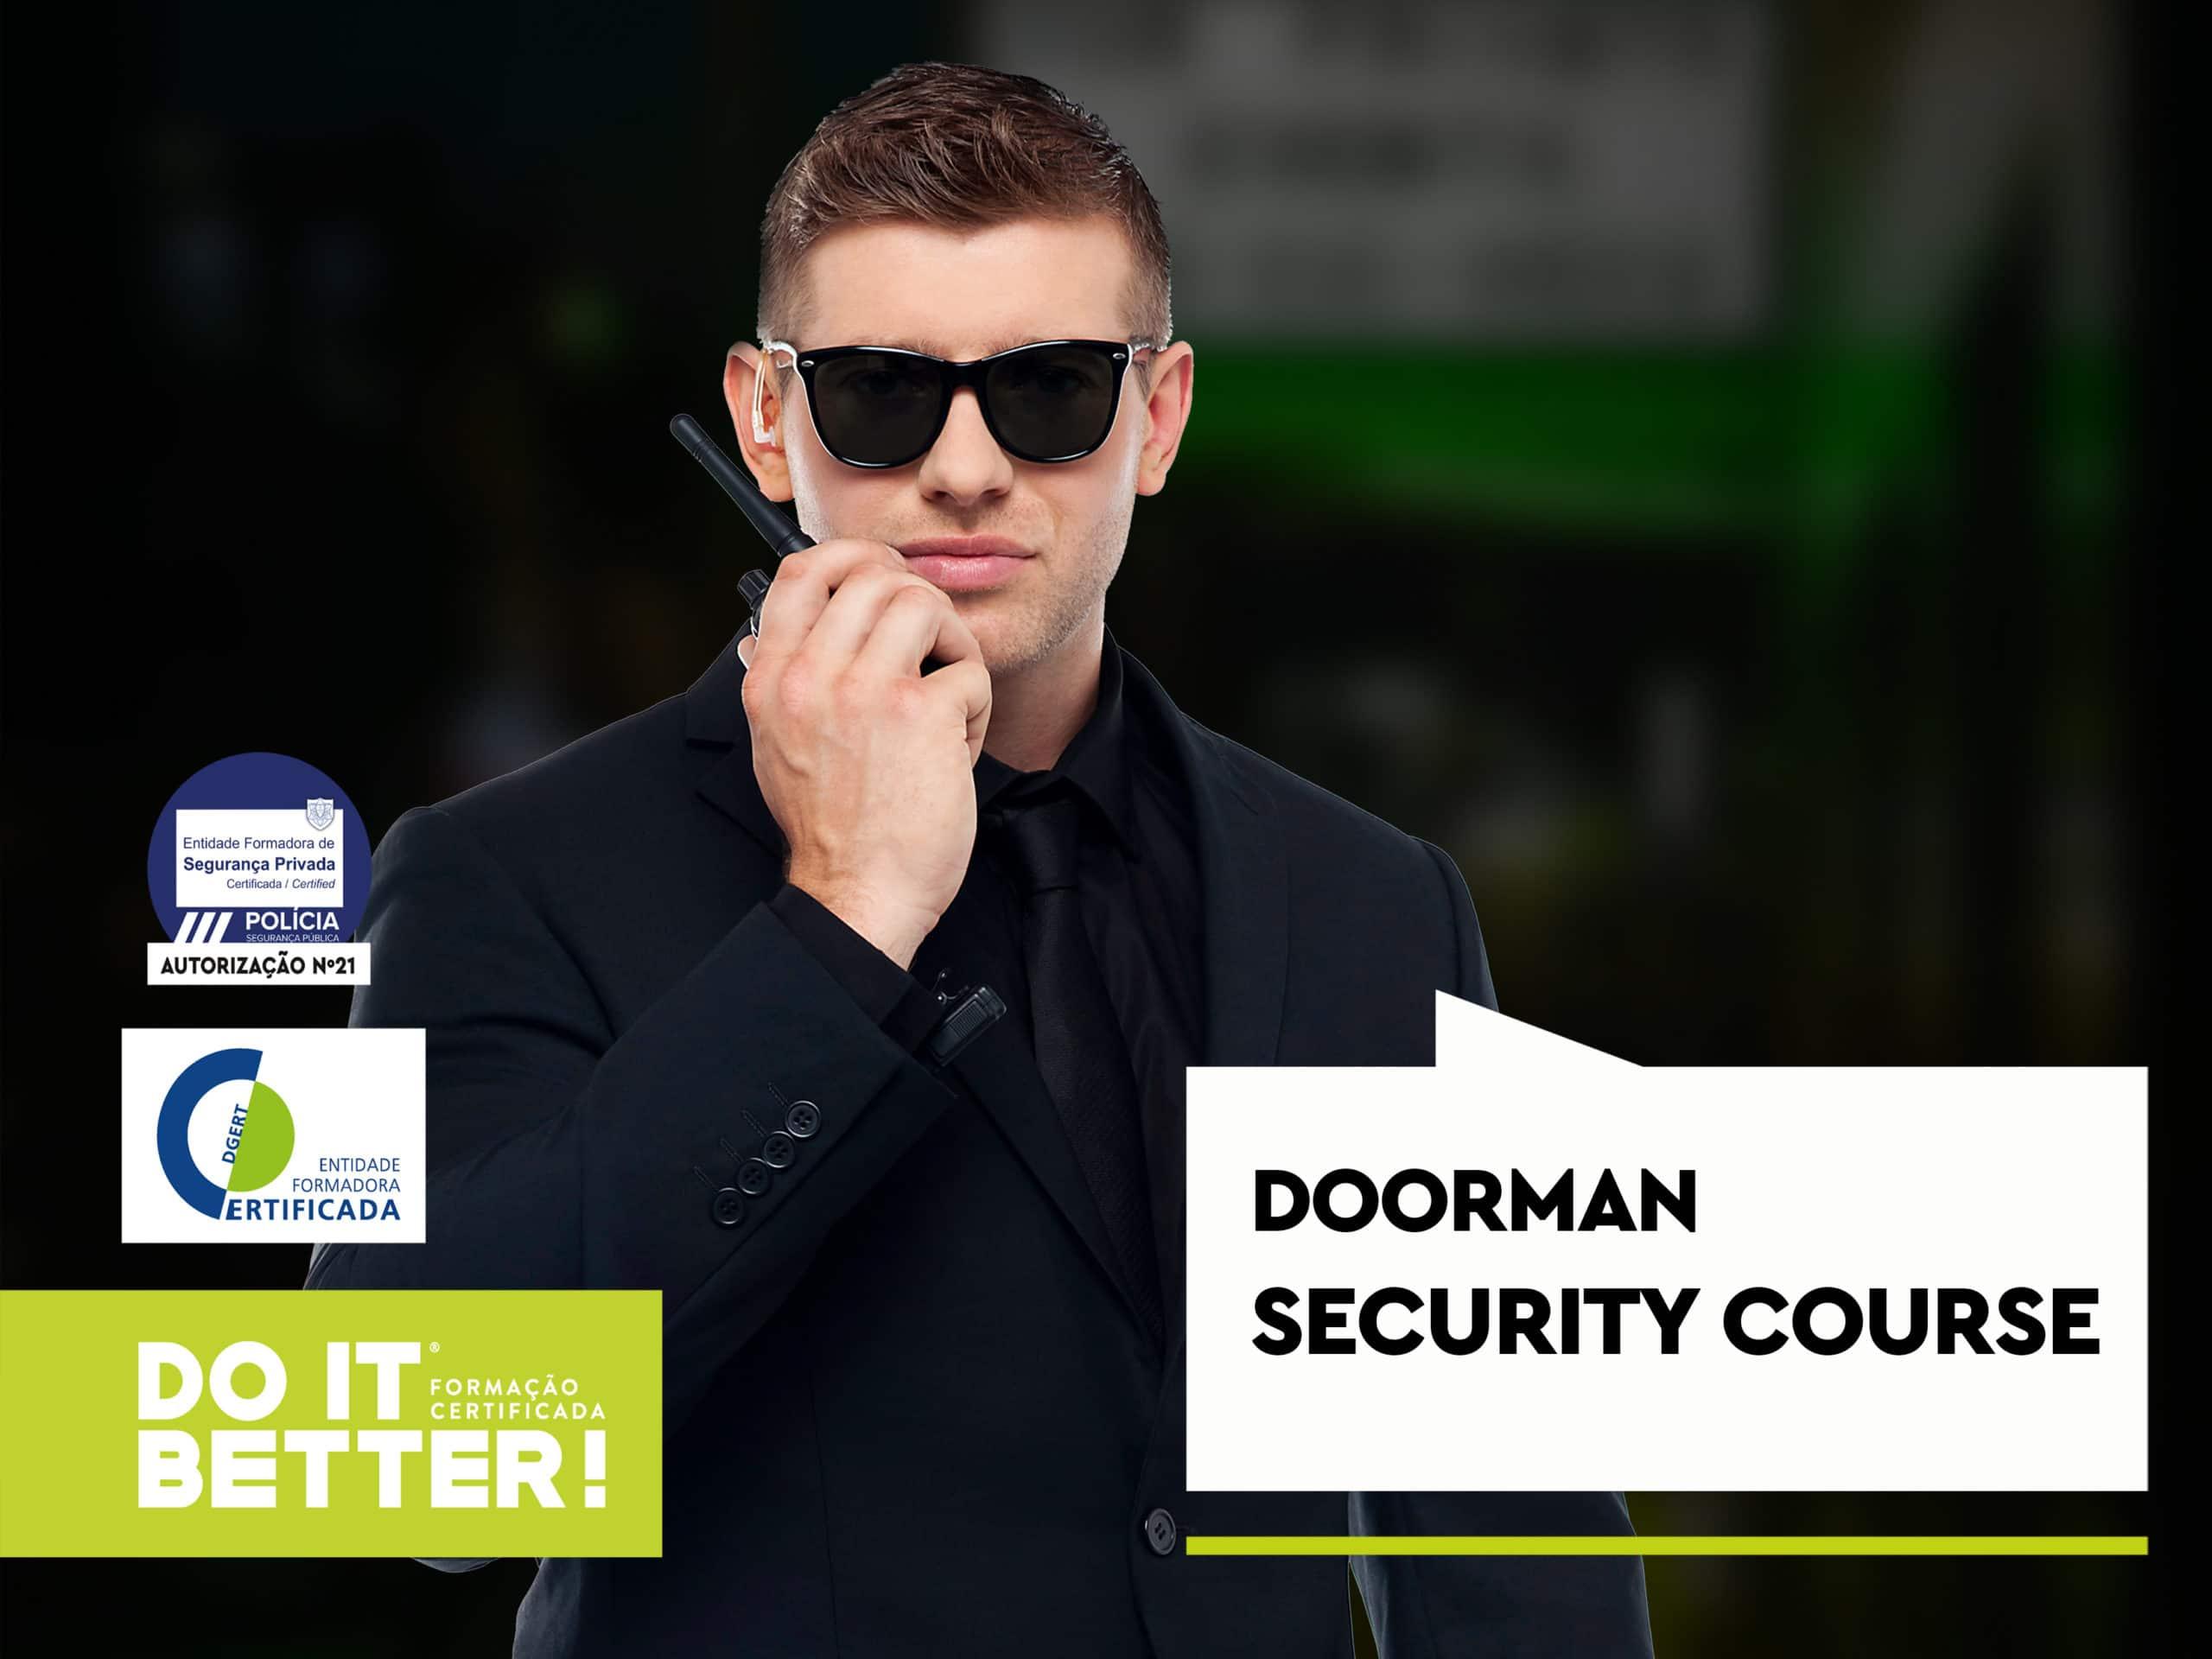 Door_man_sec (1)